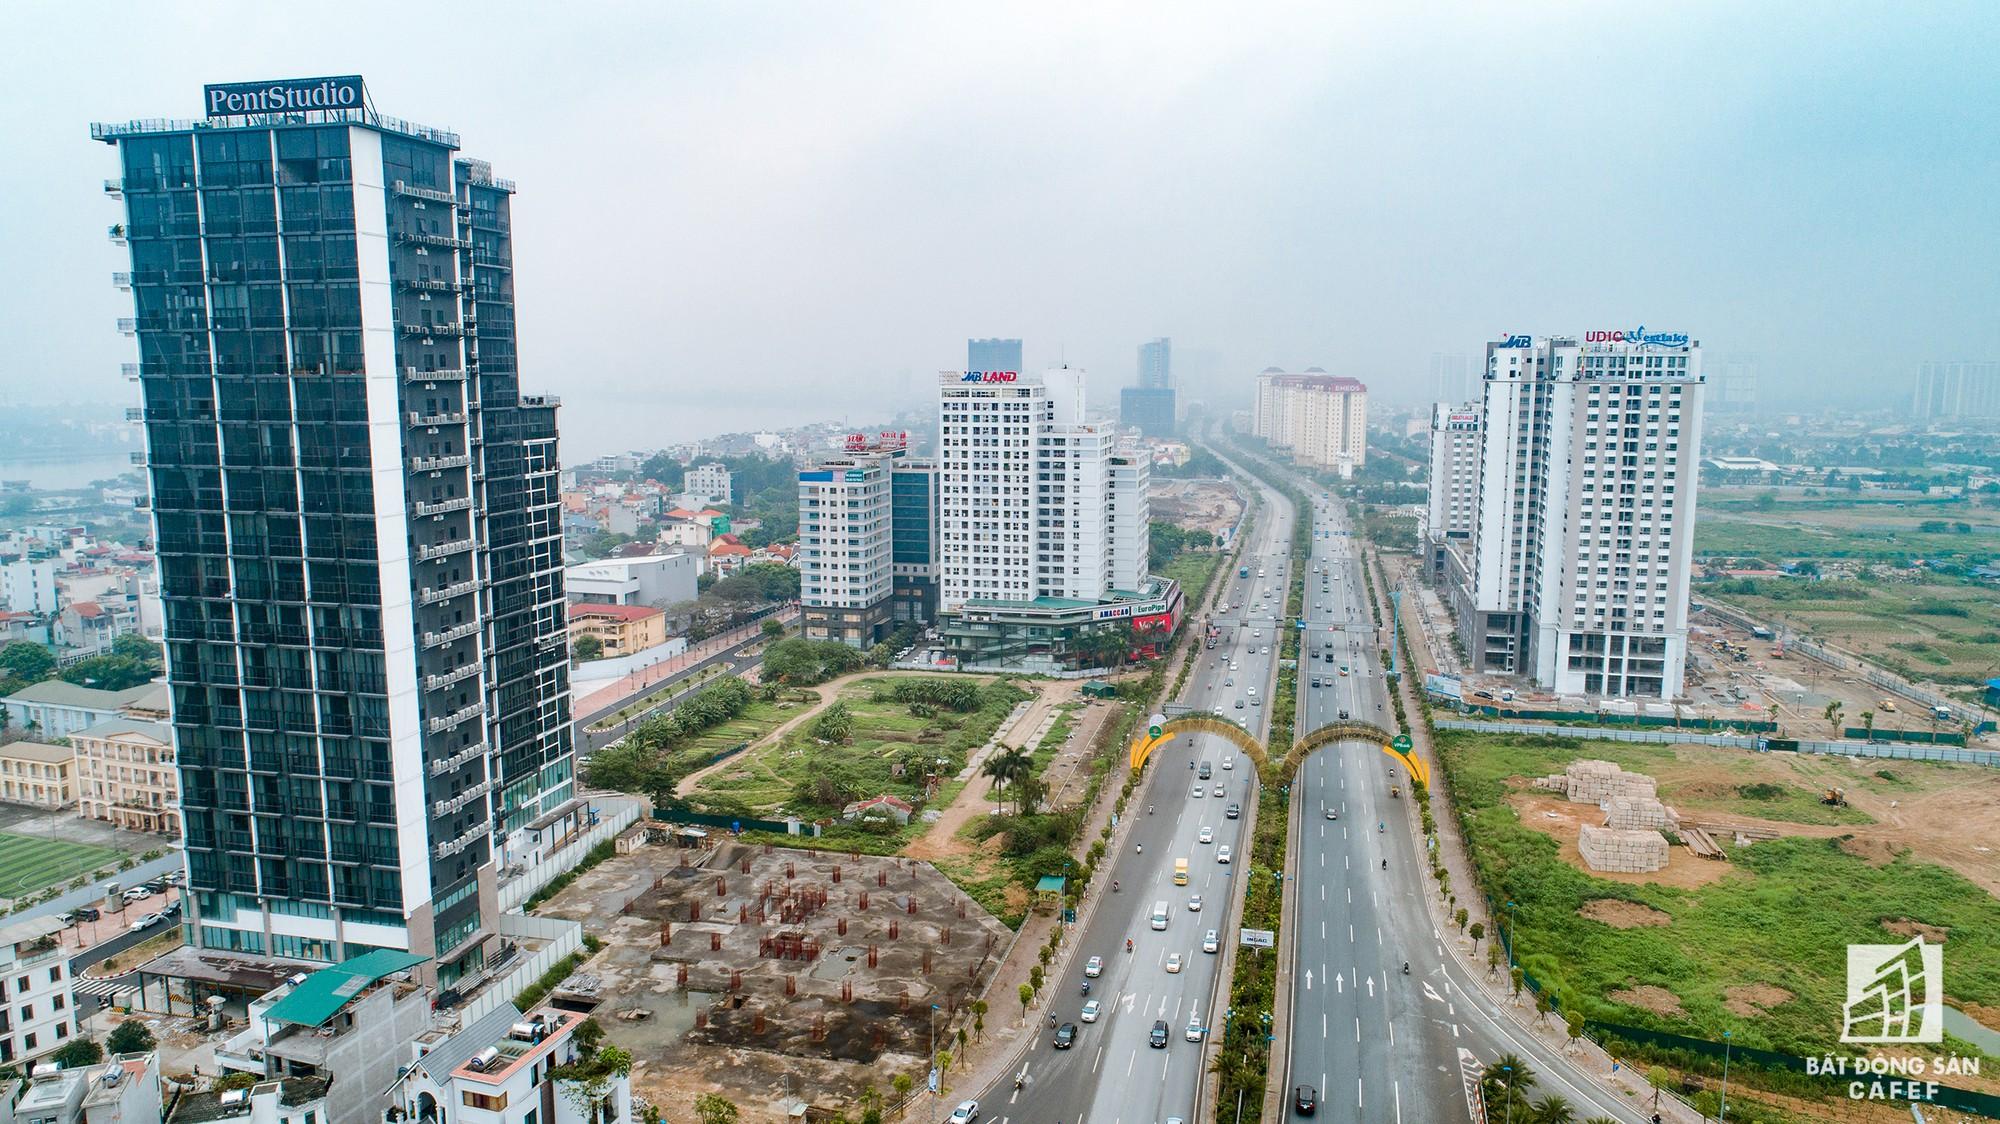 Cận cảnh hàng loạt dự án cao ốc dọc trục đường 8 làn xe tại trung tâm Hà Nội - Ảnh 4.